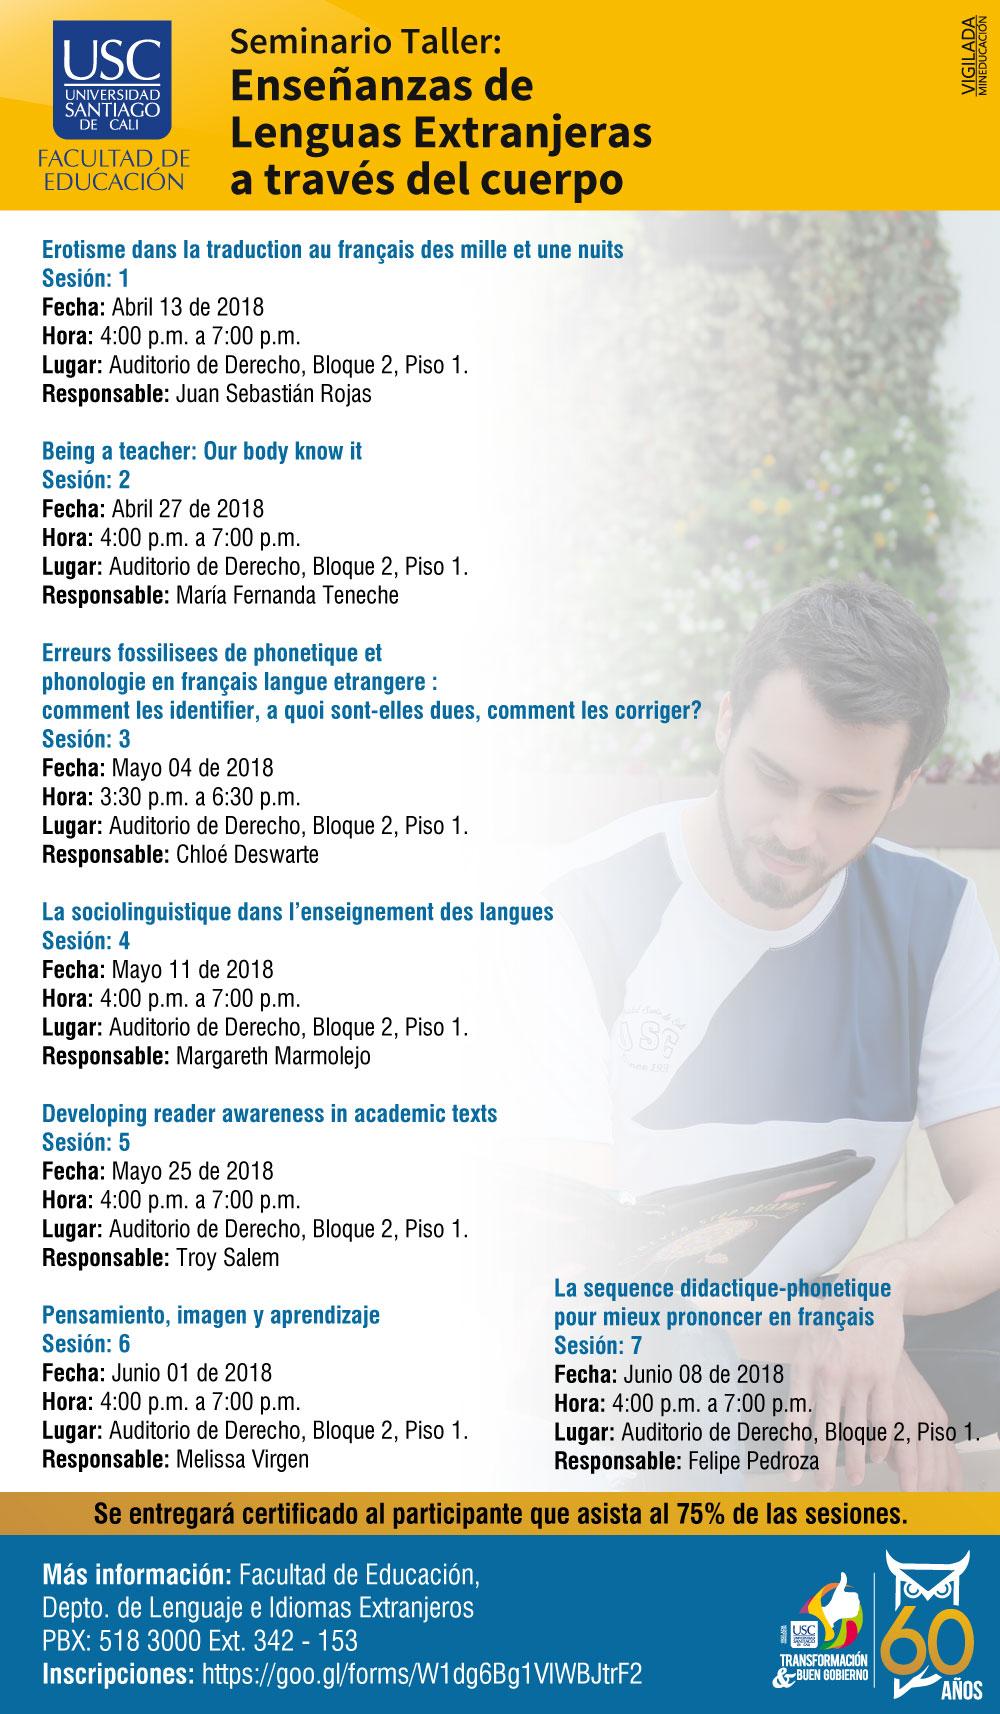 SeminarioTaller Enseanza De Lenguas ExtranjerasUSC